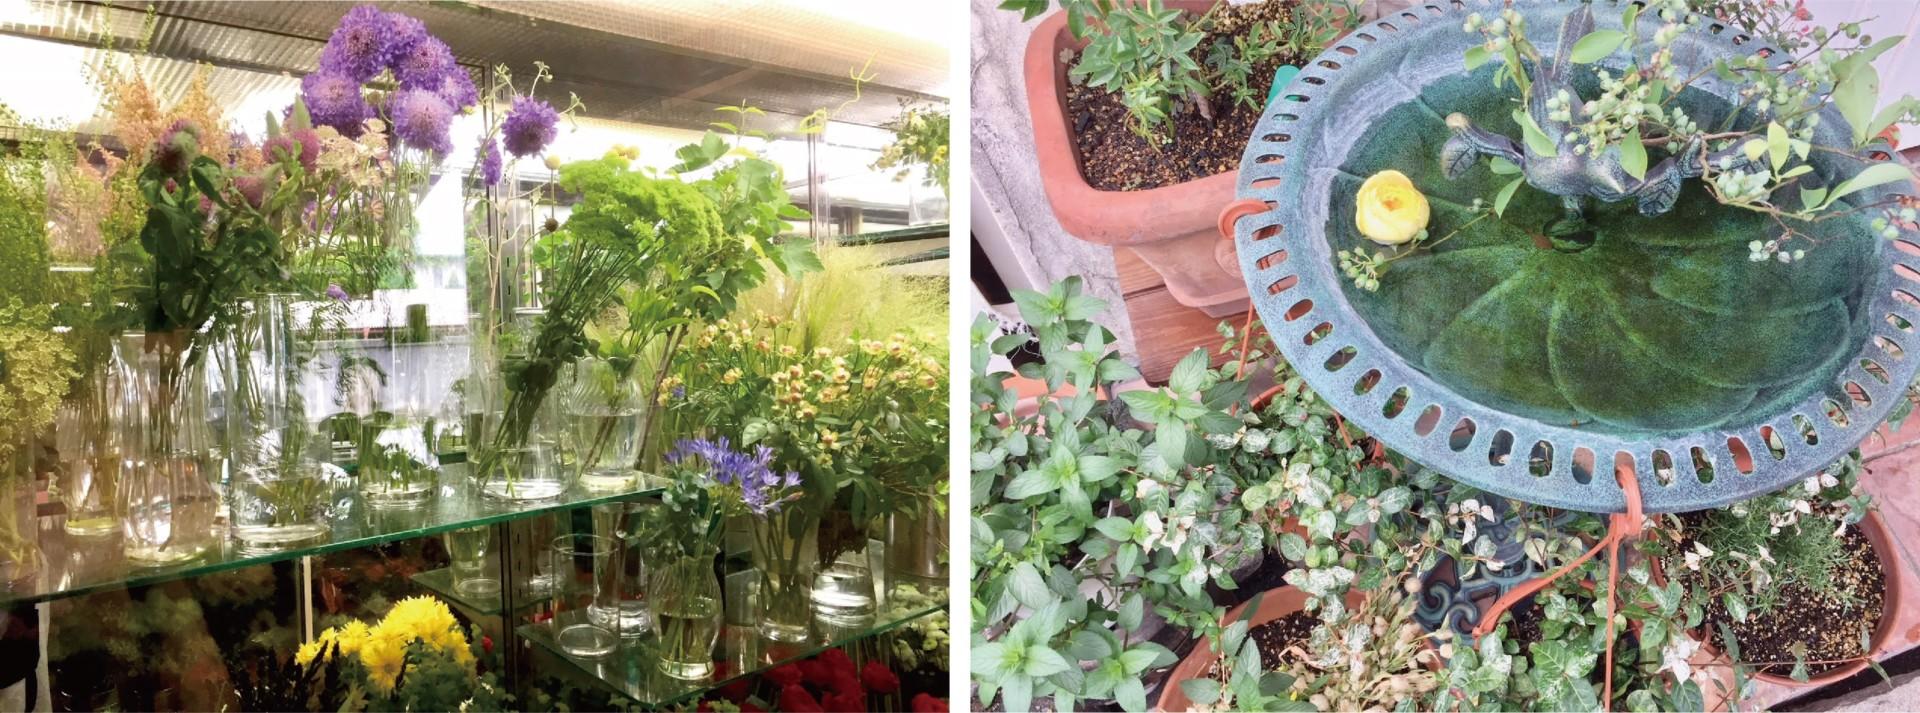 (左)瑞々しい生花が彩るガラスケース(右)アプローチのウェルカムフラワー